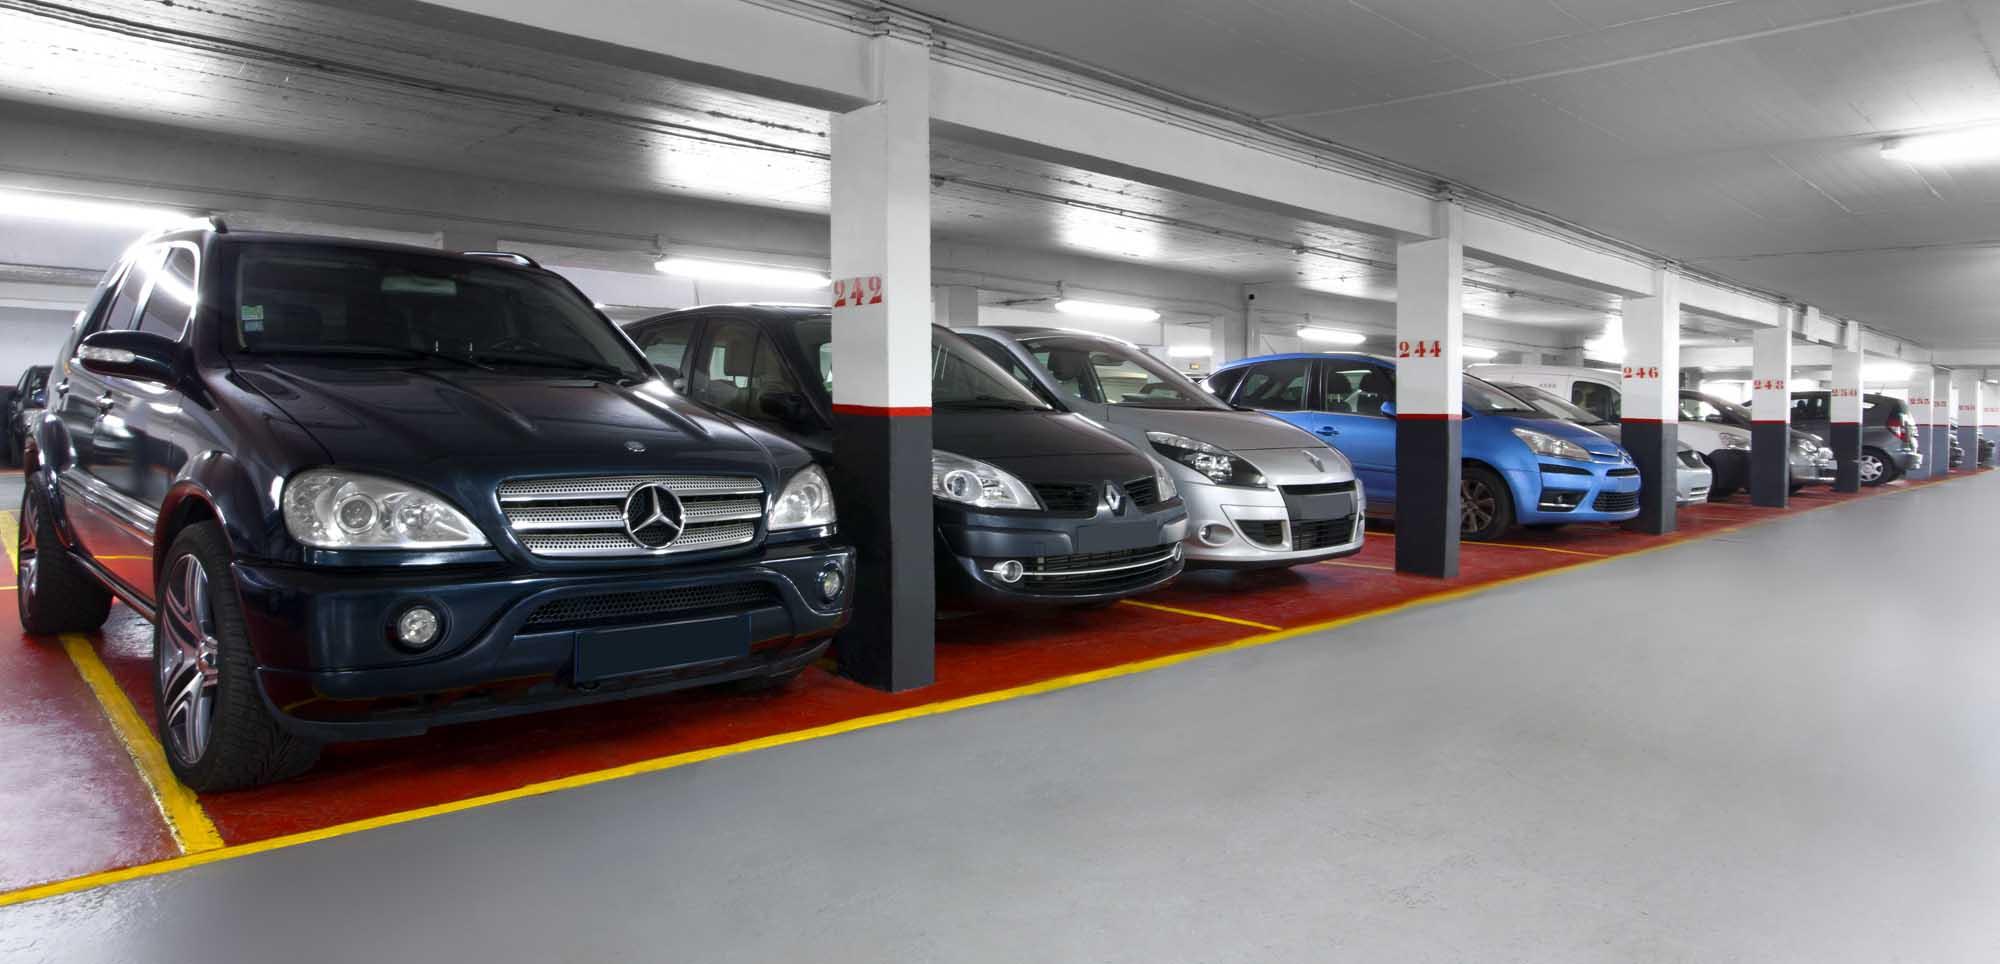 Fini le problème de location parking toulouse